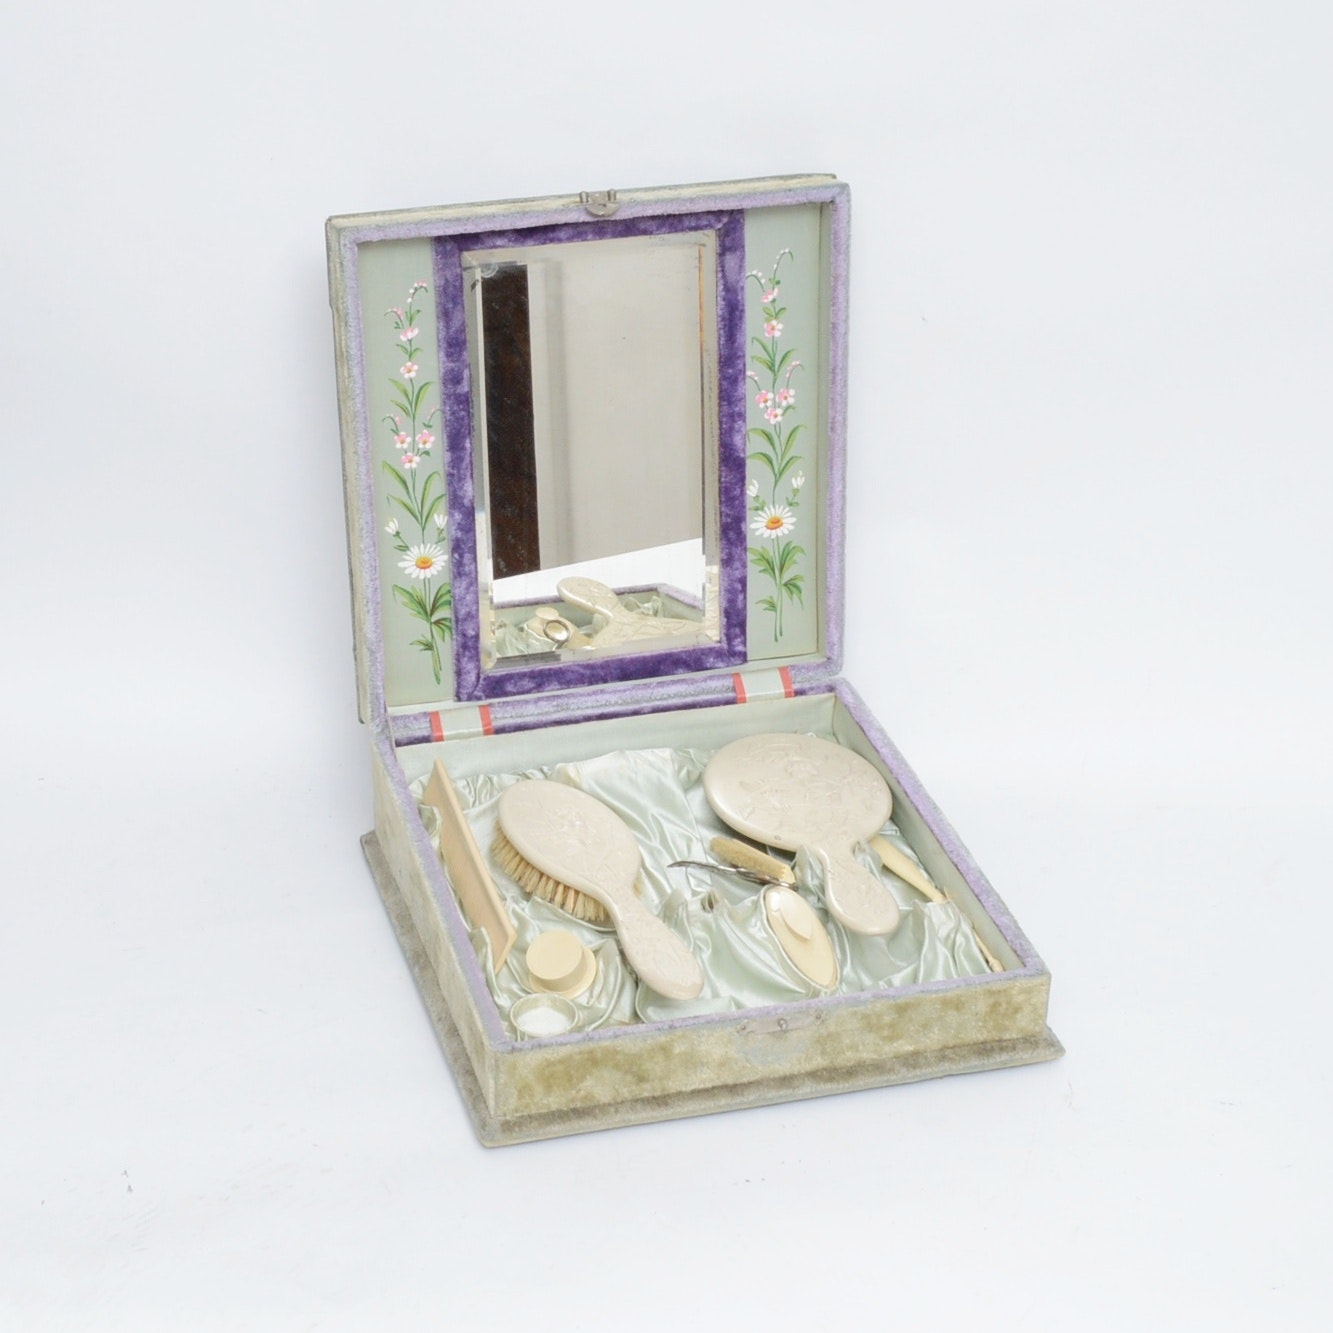 Vintage Grooming Set in Crushed Velvet Box by Adamite